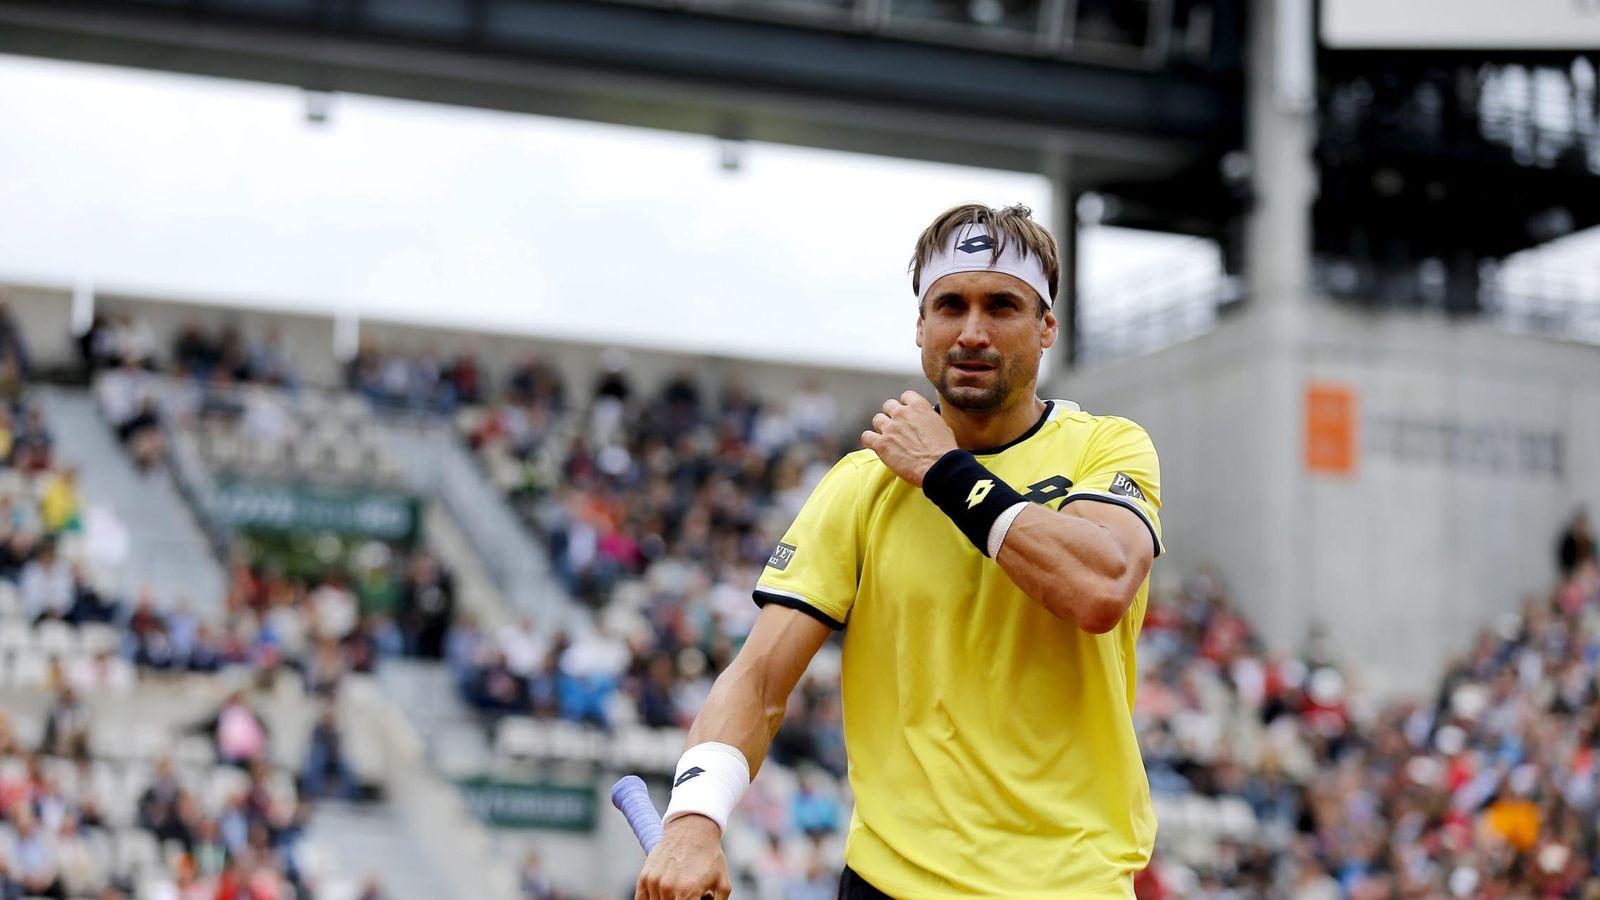 Foto: David Ferrer durante su partido de primera ronda de Roland Garros (Efe).